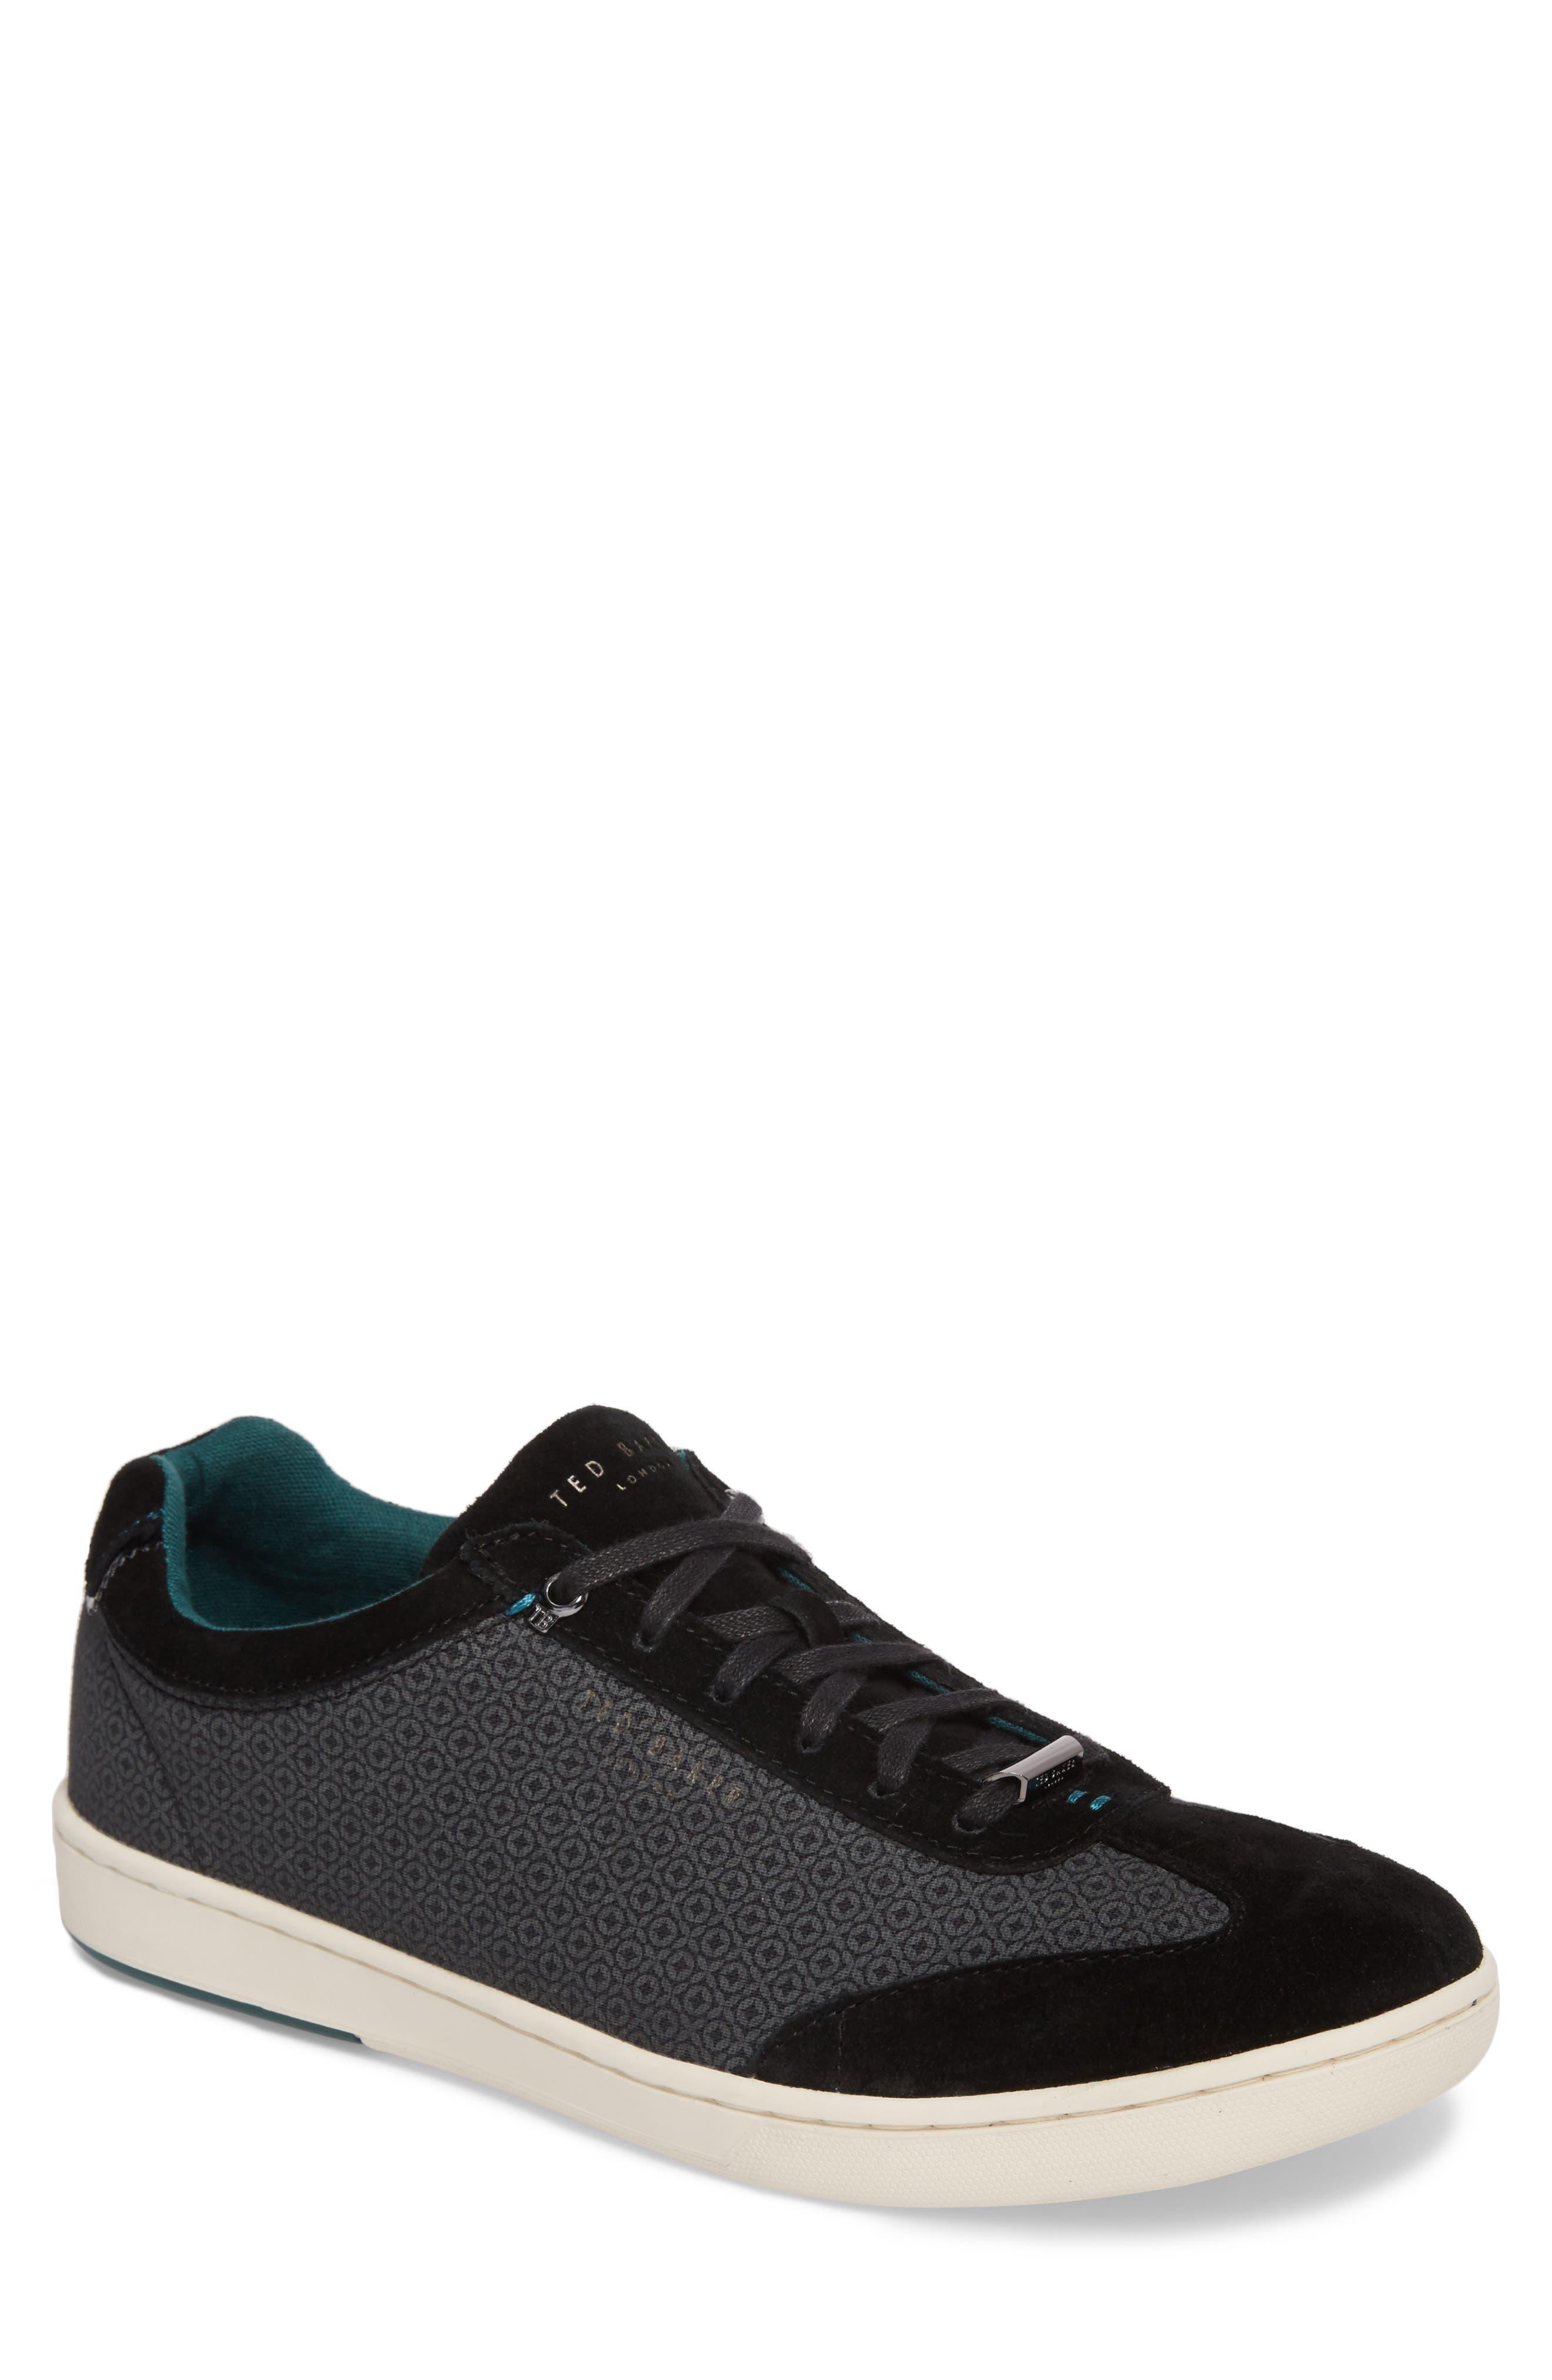 Kiefer Sneaker,                         Main,                         color, 011